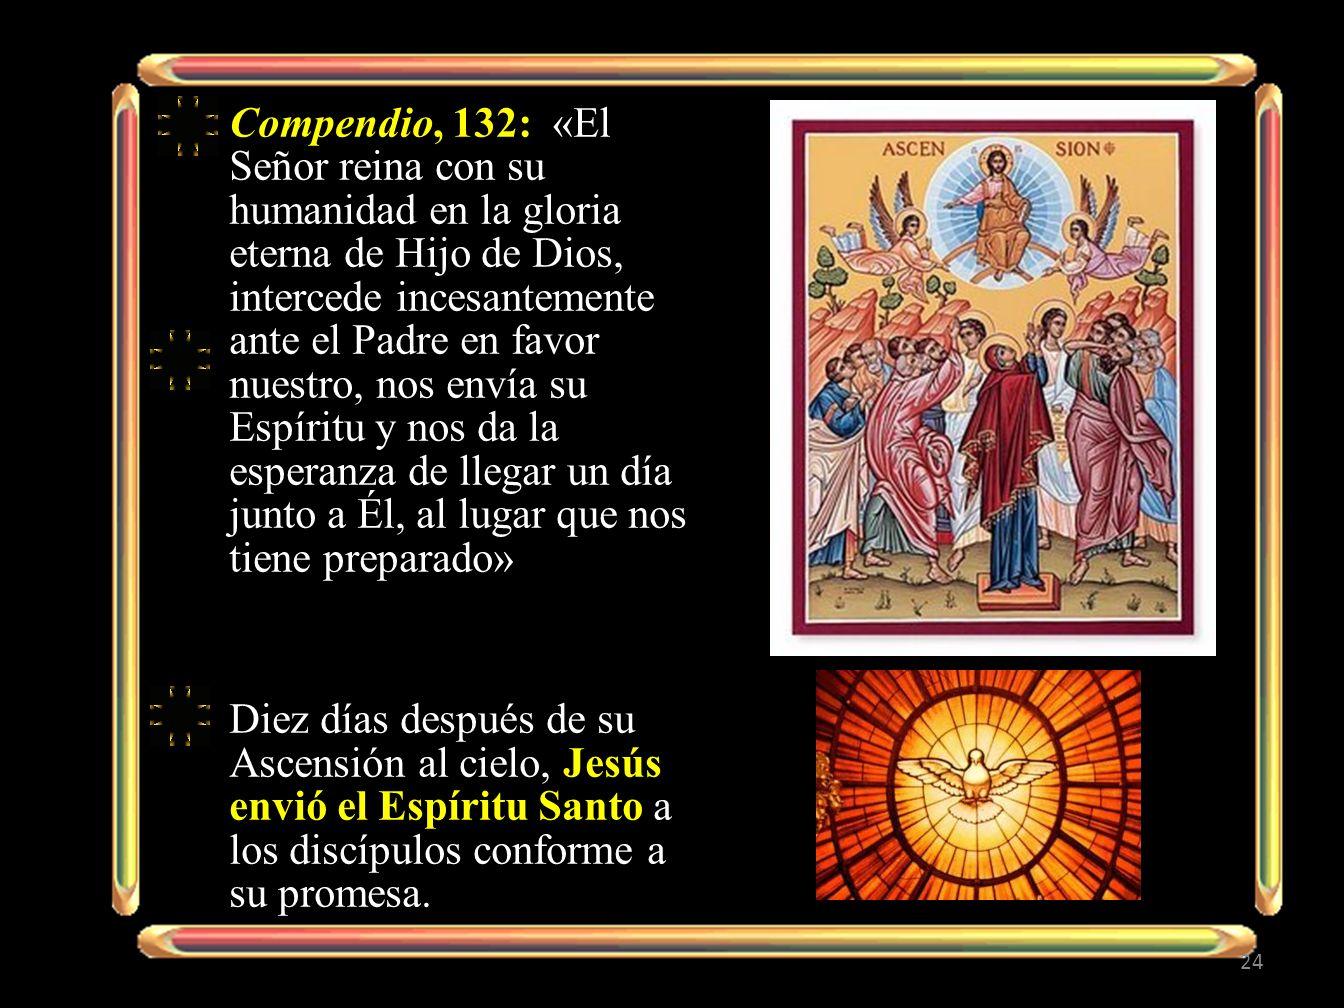 Compendio, 132: «El Señor reina con su humanidad en la gloria eterna de Hijo de Dios, intercede incesantemente ante el Padre en favor nuestro, nos envía su Espíritu y nos da la esperanza de llegar un día junto a Él, al lugar que nos tiene preparado»